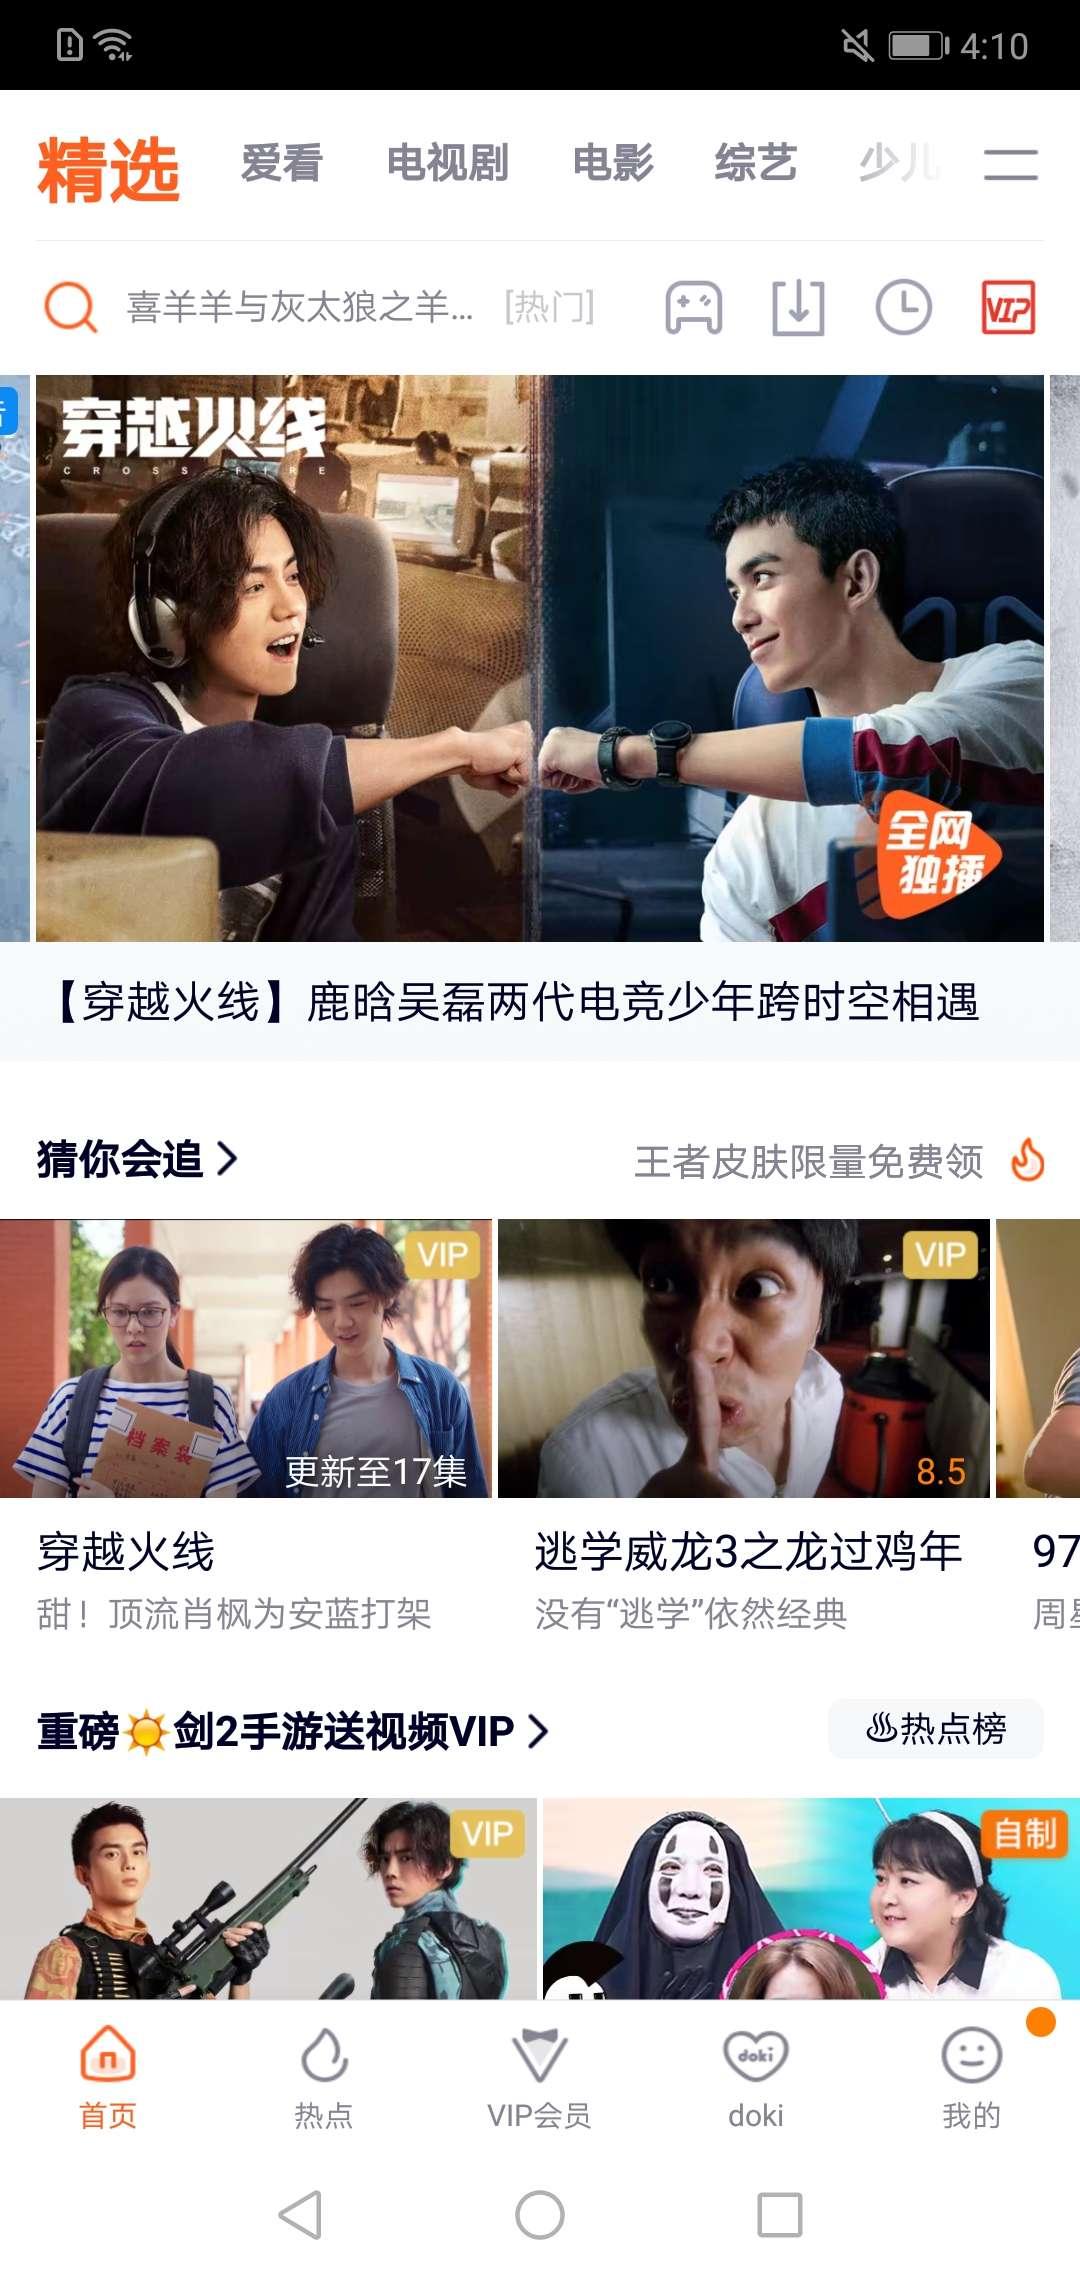 【实用APP】腾讯视频v8.2.30.21396去广告版  第2张